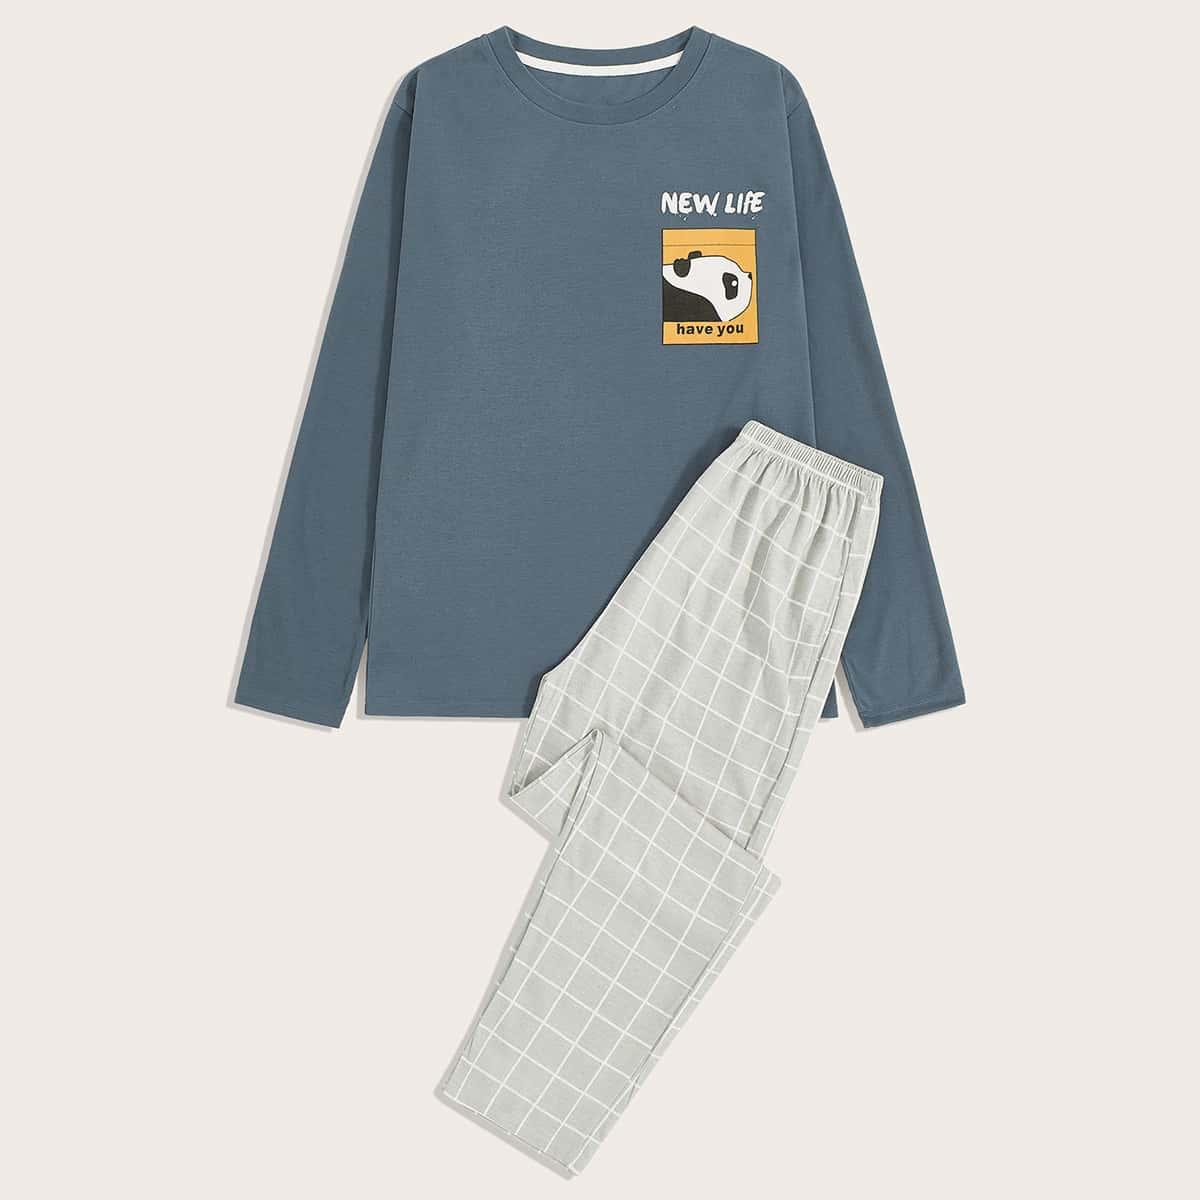 Мужская пижама с мультяшным принтом